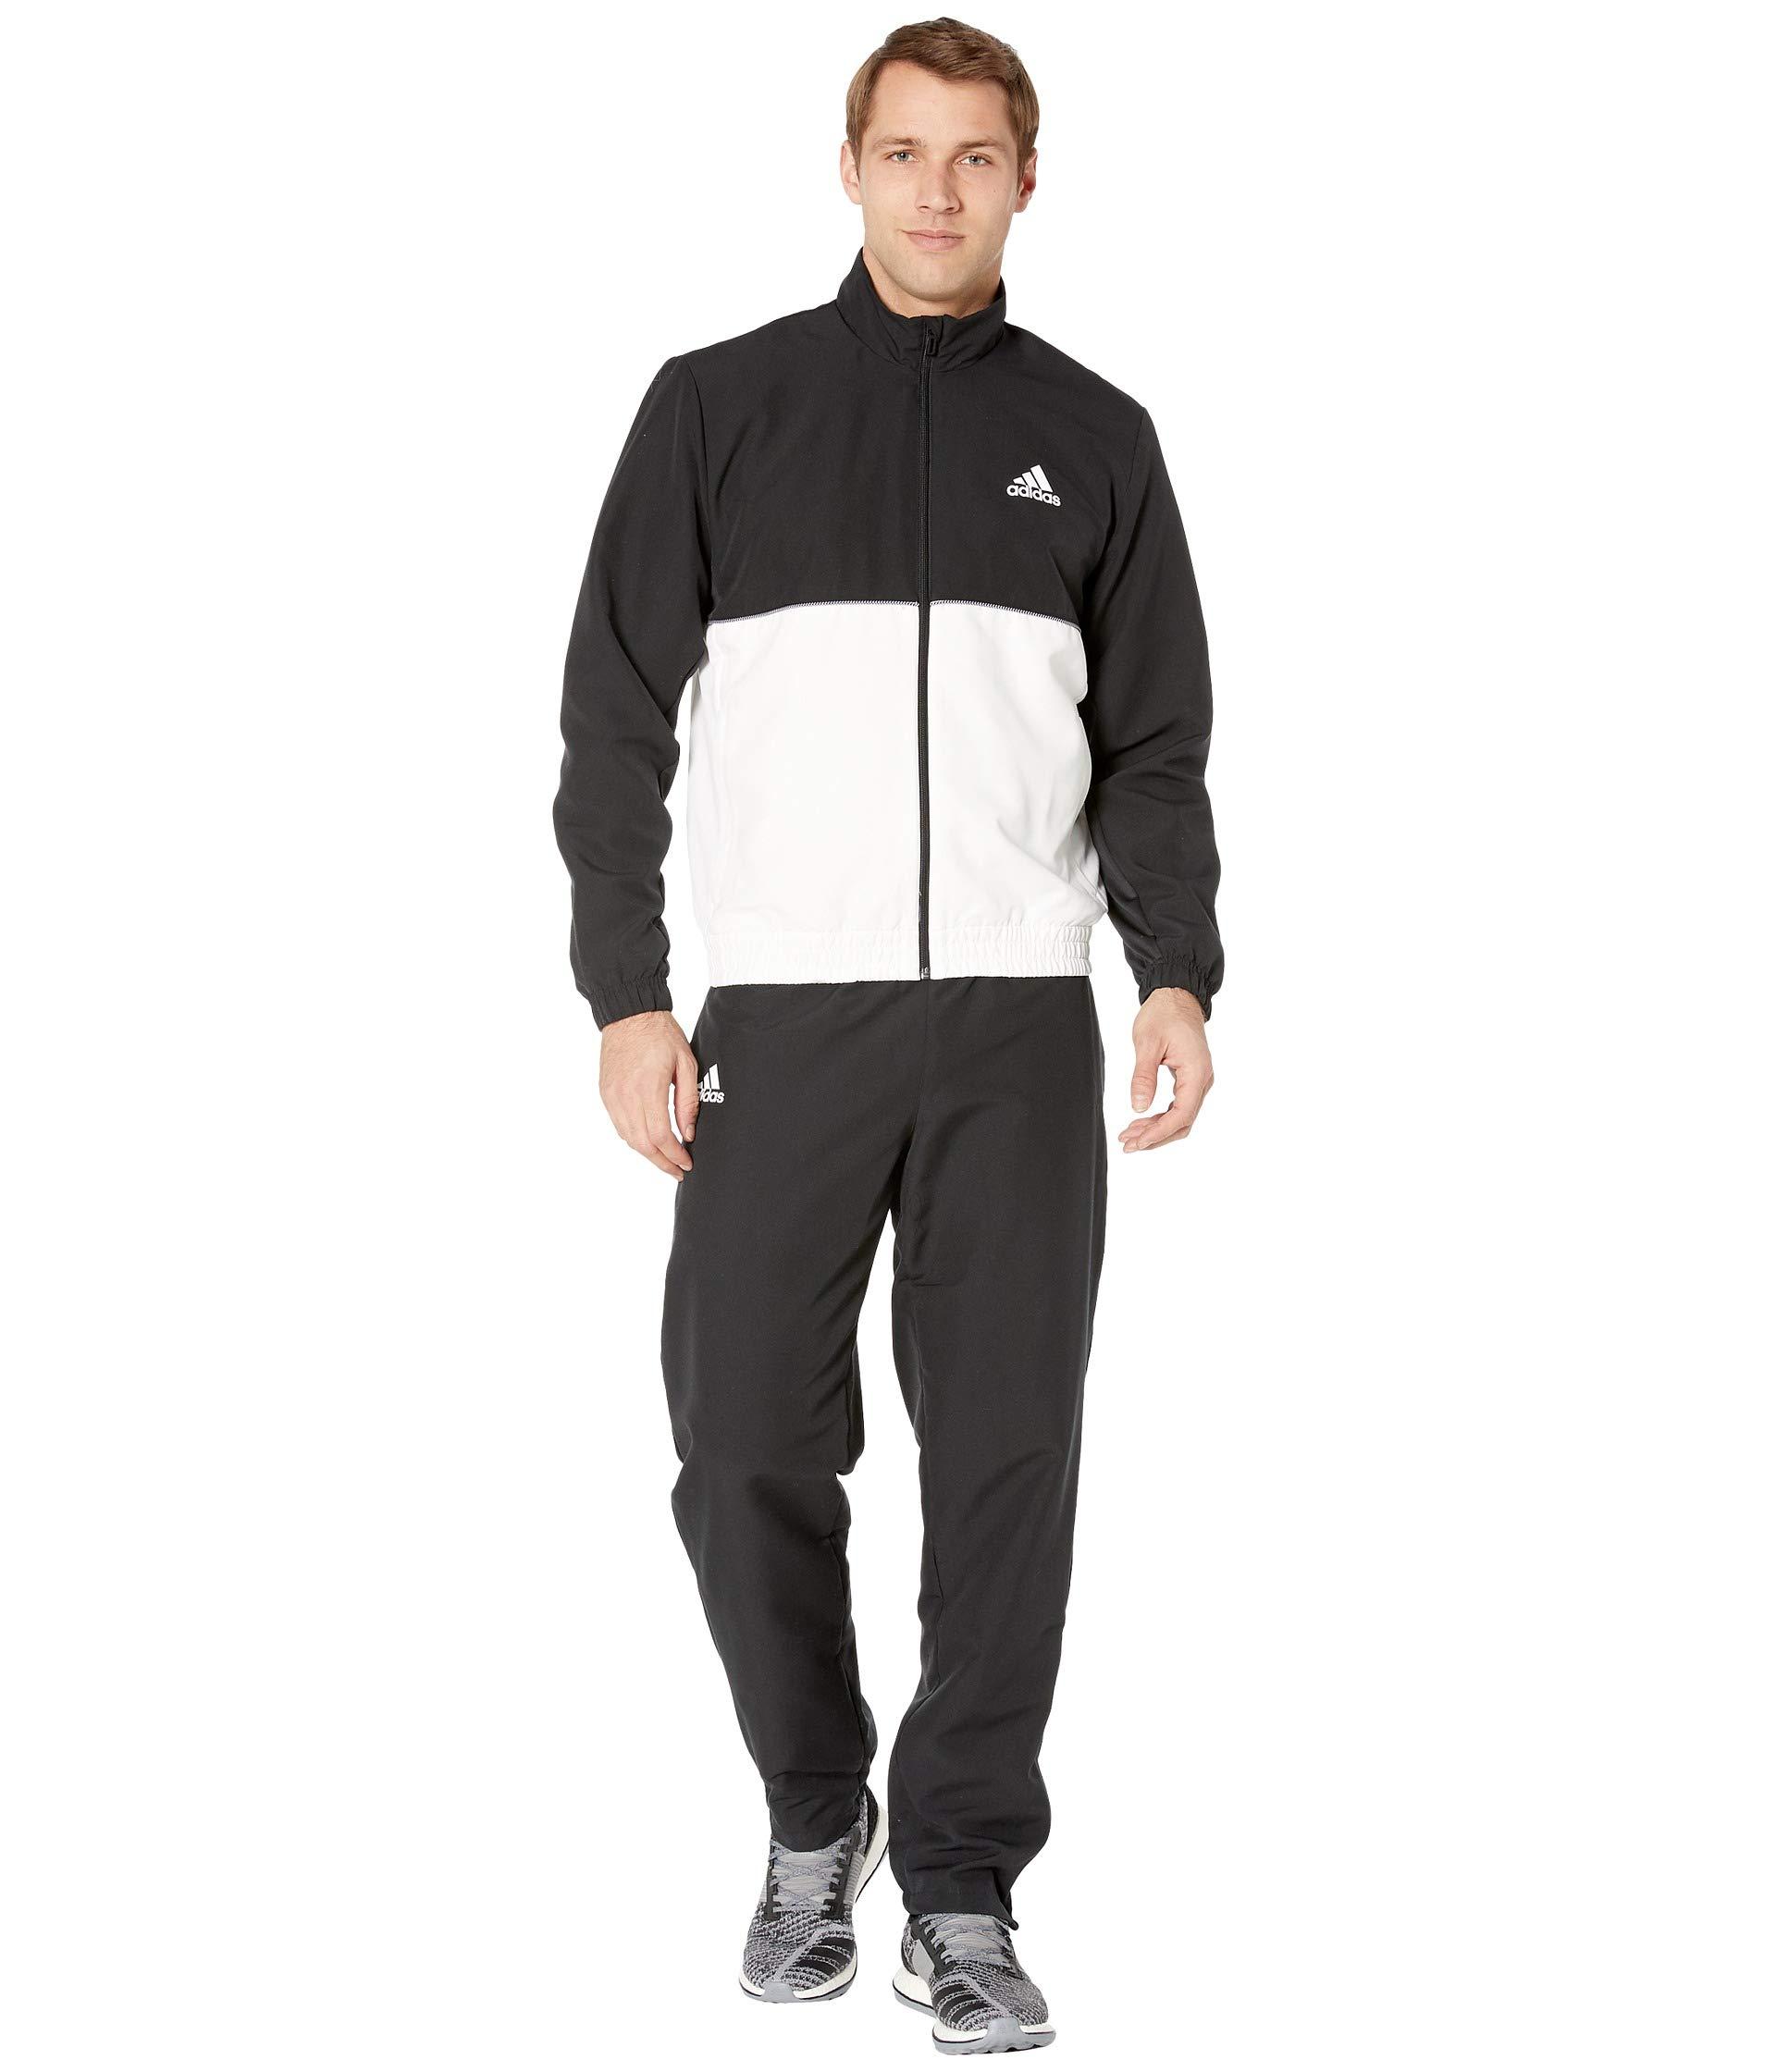 adidas Club Tracksuit Black/White LG by adidas